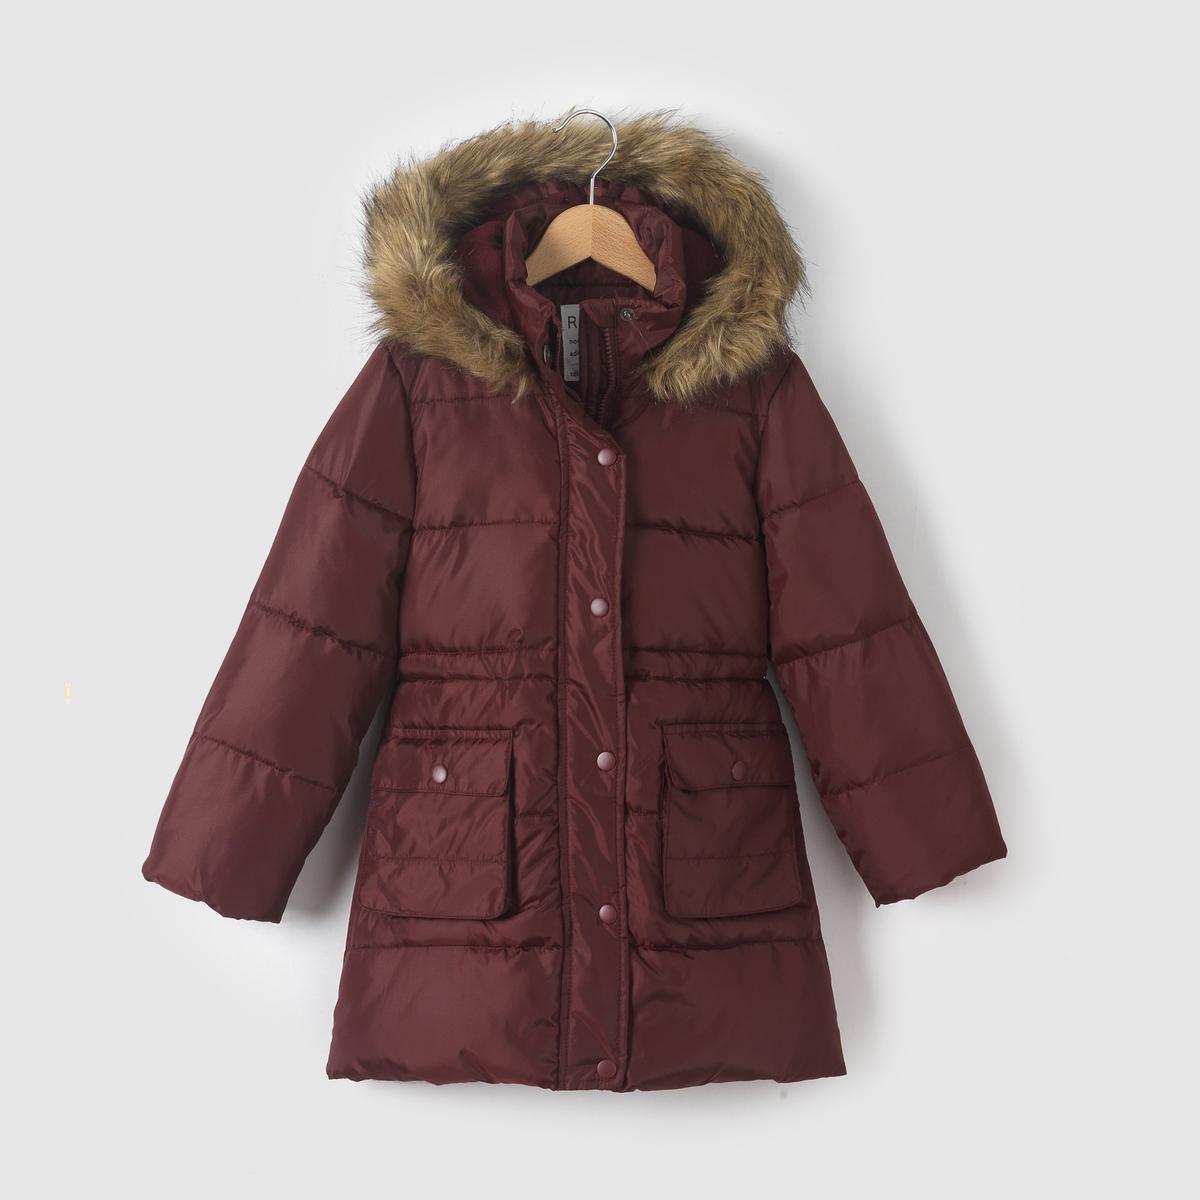 Стеганая куртка с капюшоном 3-12 лет